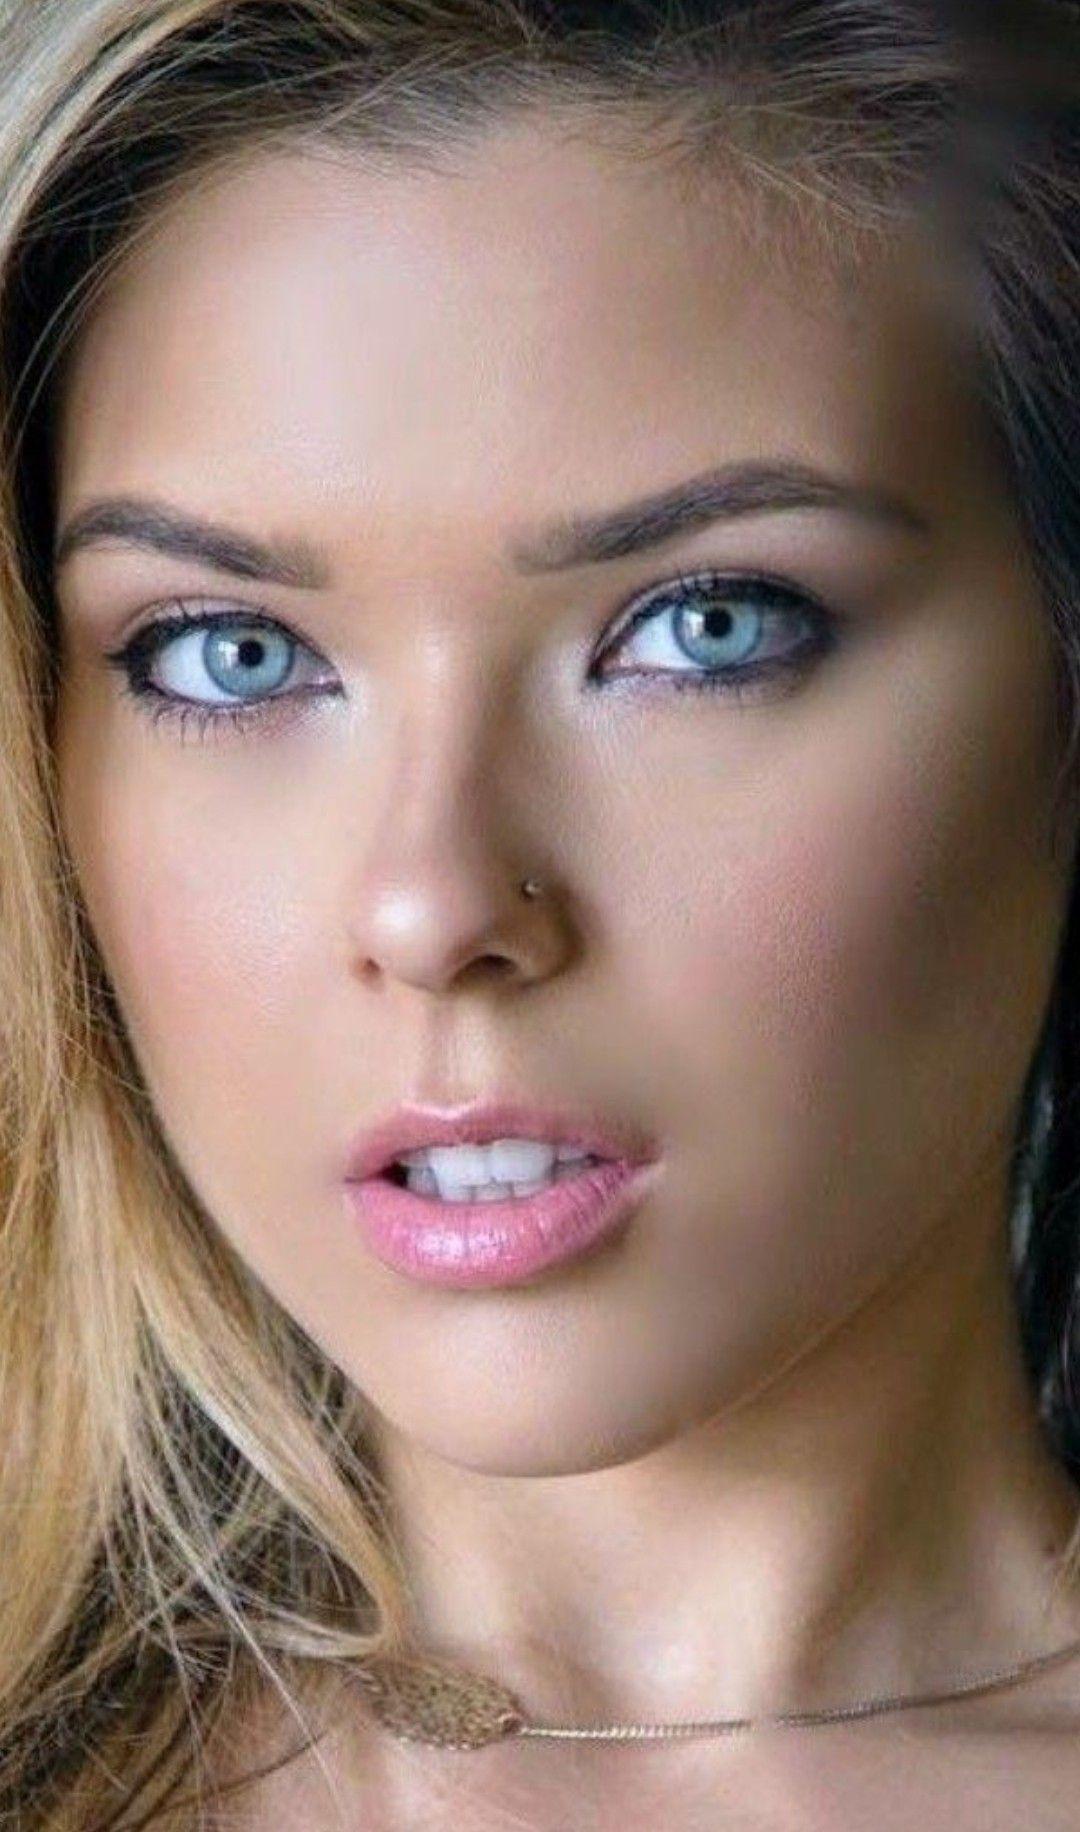 Increíble Chica Linda Angélical Y Enigmática